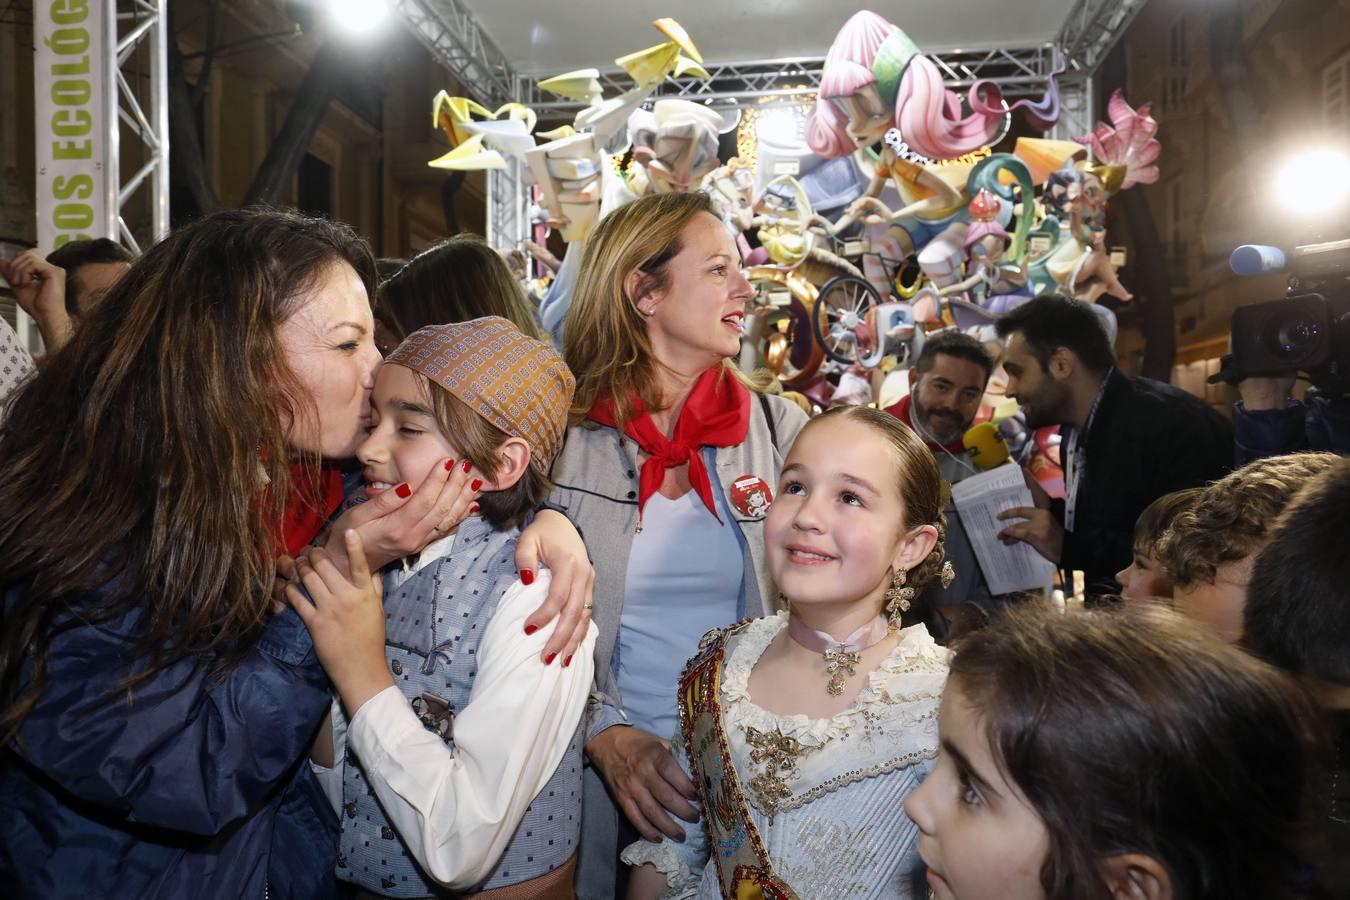 Así es la falla infantil de Maestro Gozalbo-Conce Altea, primer premio de la sección Especial 2019 de las Fallas de Valencia